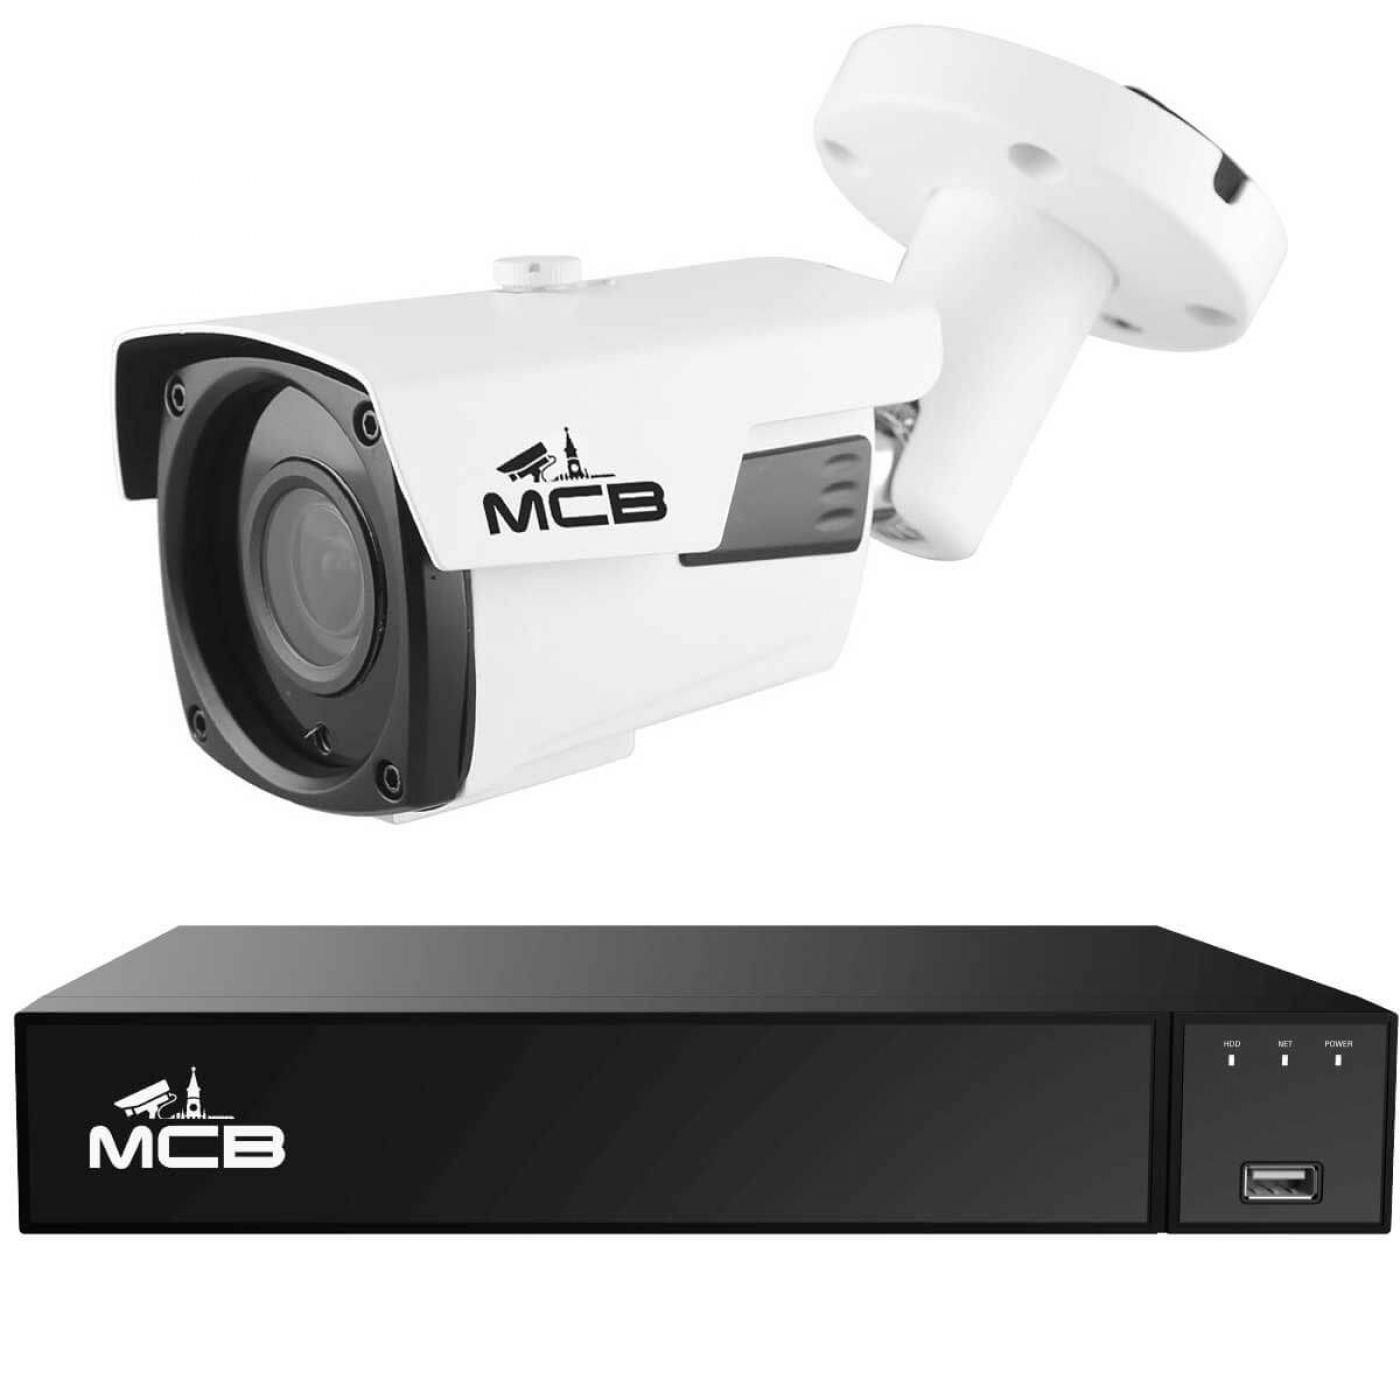 Комплект видеонаблюдения на 1 камеру 5 Мегапикселя Pro